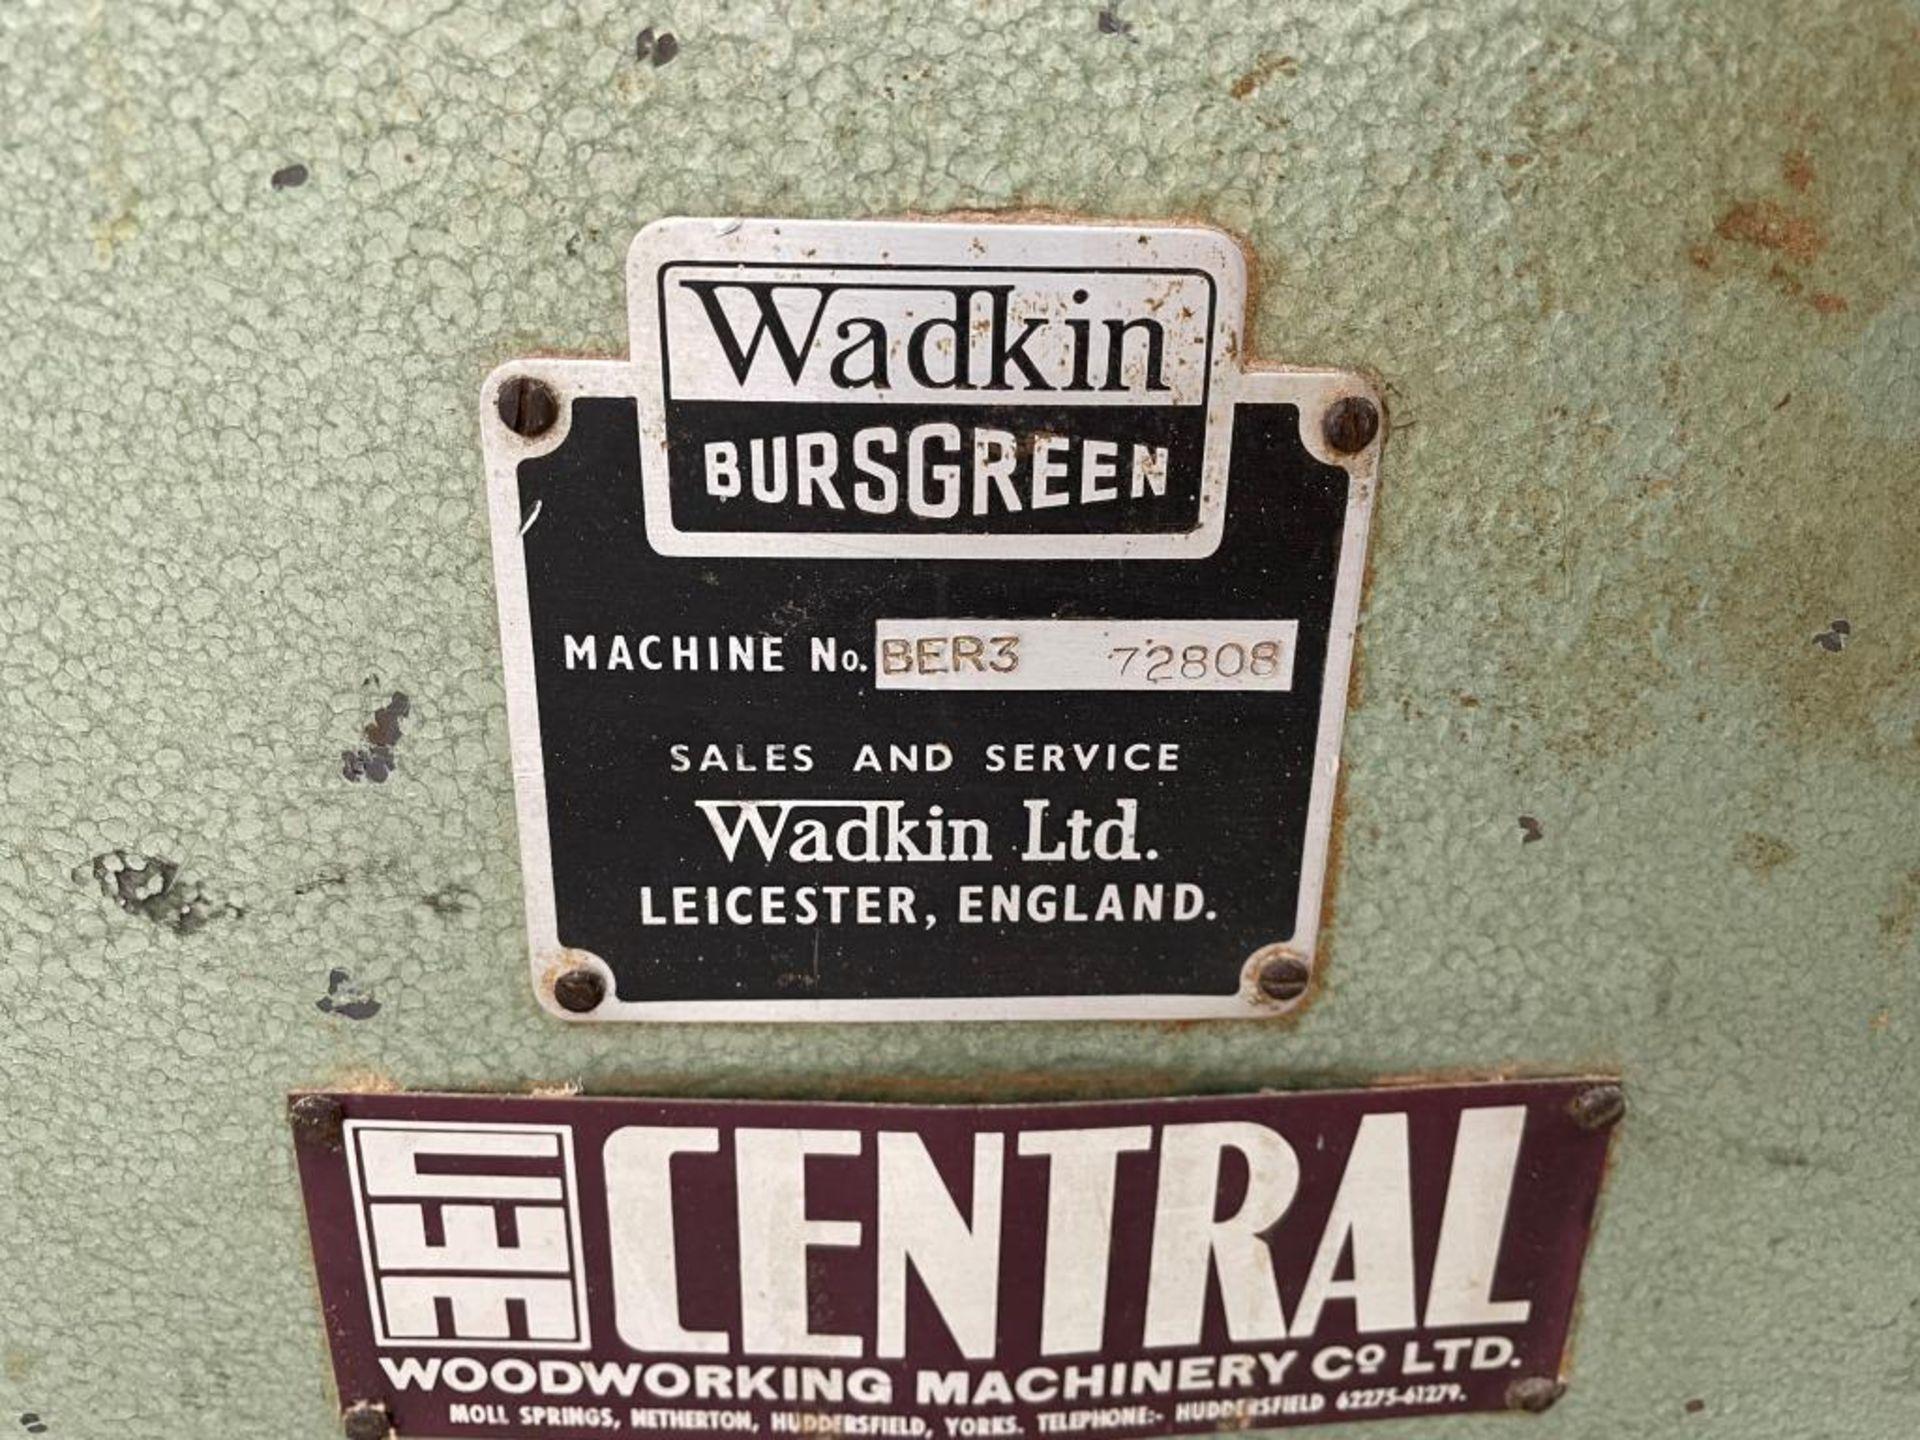 Wadkin Bursgreen BER 3 Spindle Moulder w/ Holz-Her Power Feed - Image 2 of 2